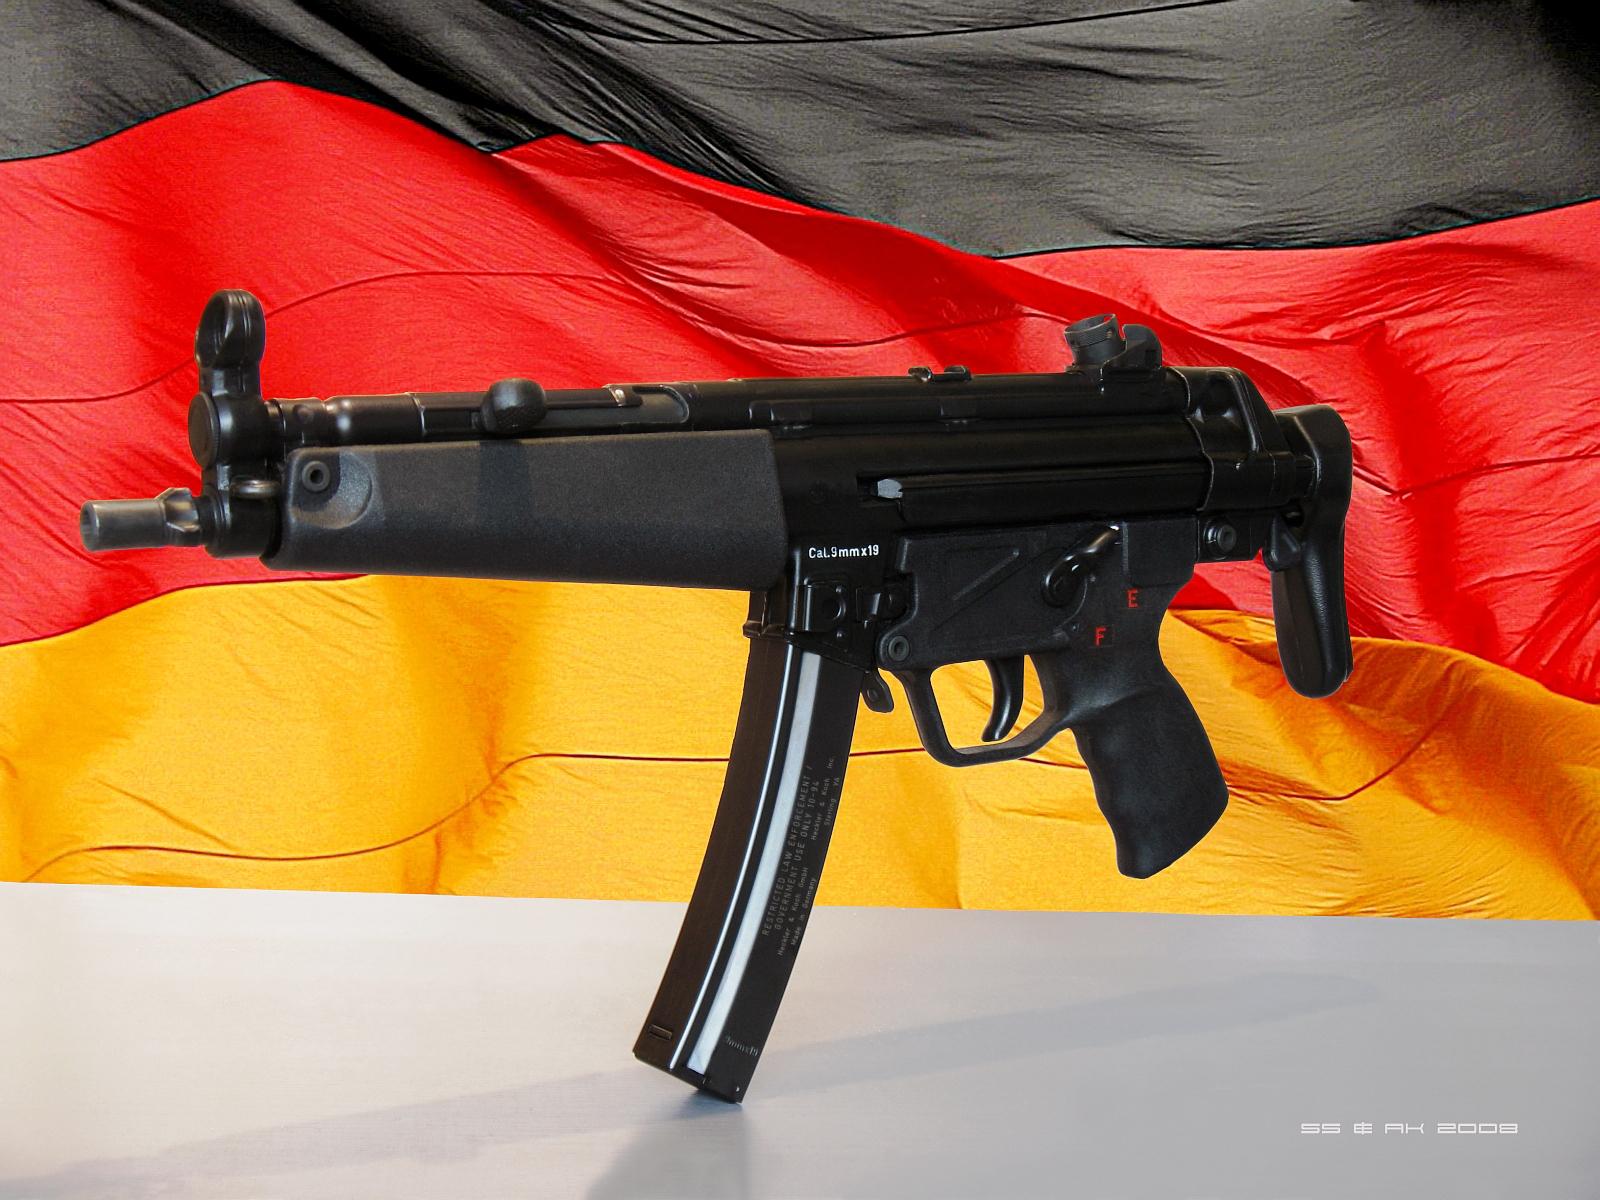 Download wallpaper: gun, pistol machine gun 5, MP5 wallpaper ...